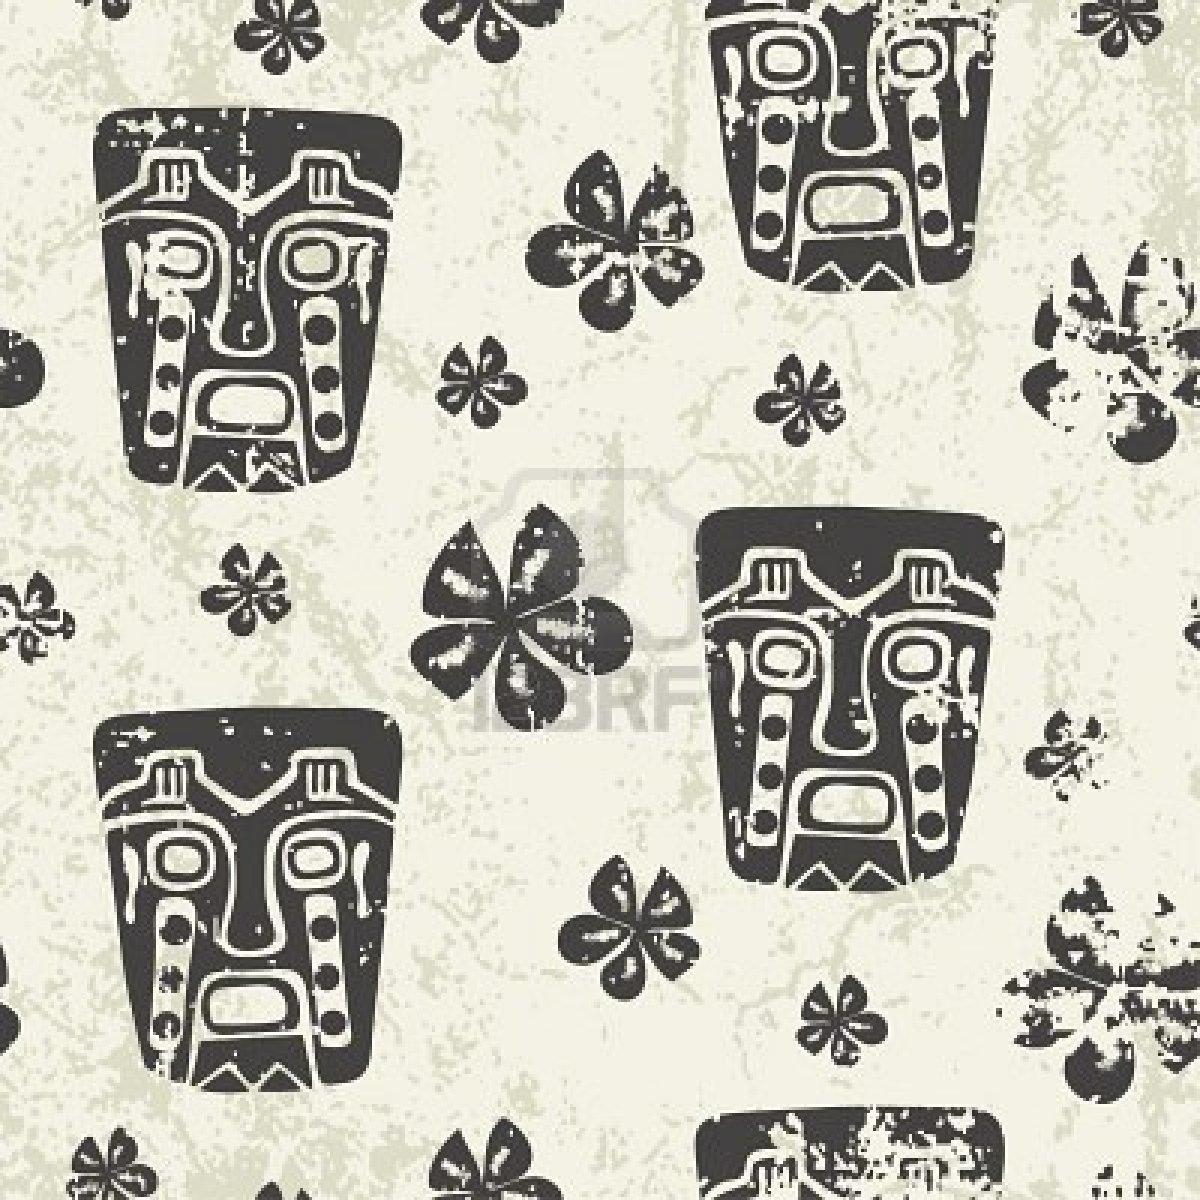 http://2.bp.blogspot.com/-SJjZw-p-pG8/T7Z6CTyRkWI/AAAAAAAADdY/q7NjksA--EE/s1600/4464060-aztec-pattern-in-grunge-style.jpg